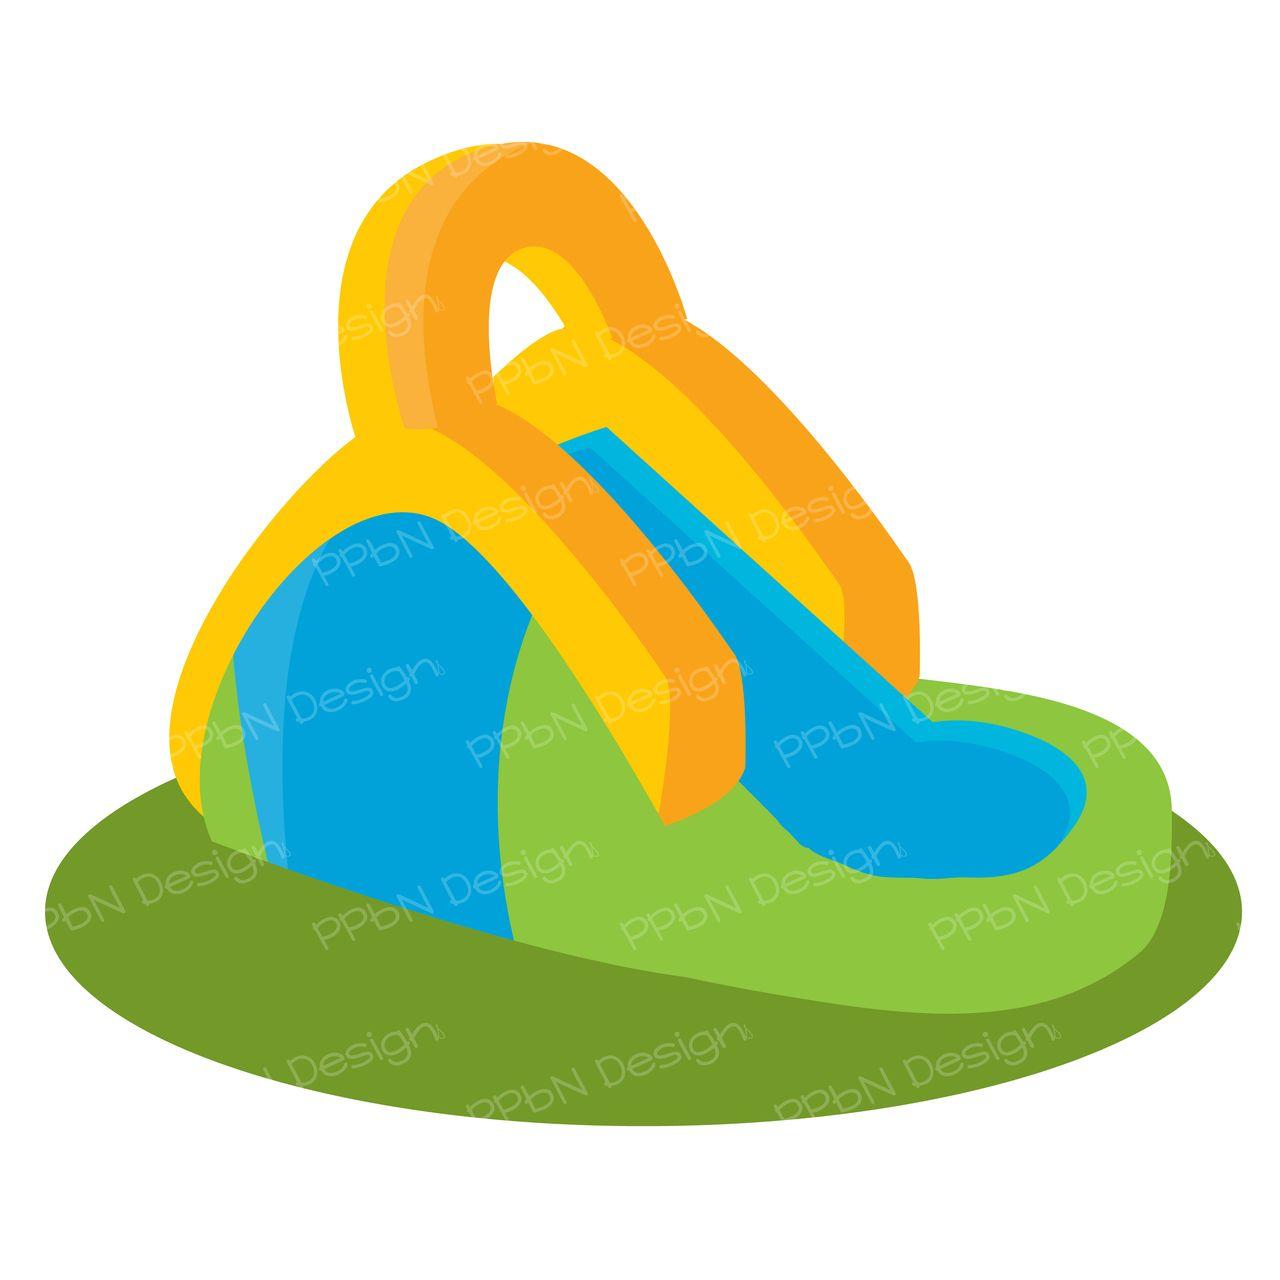 ppbn designs water slide svg only 0 00 http www ppbndesigns rh pinterest com  water slide clip art totally free